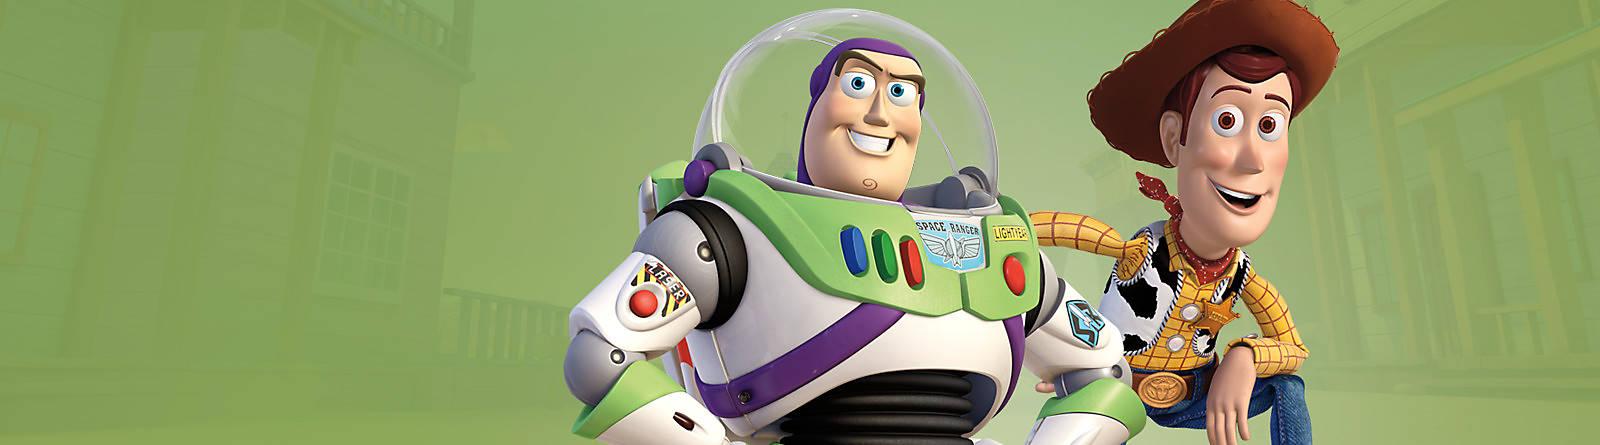 Toy Story Verso l'infinito e oltre! Dai un'occhiata alle nostre action figures, i giochi originali, la linea di vestiti e tanto altro ancora dedicato a Toy Story